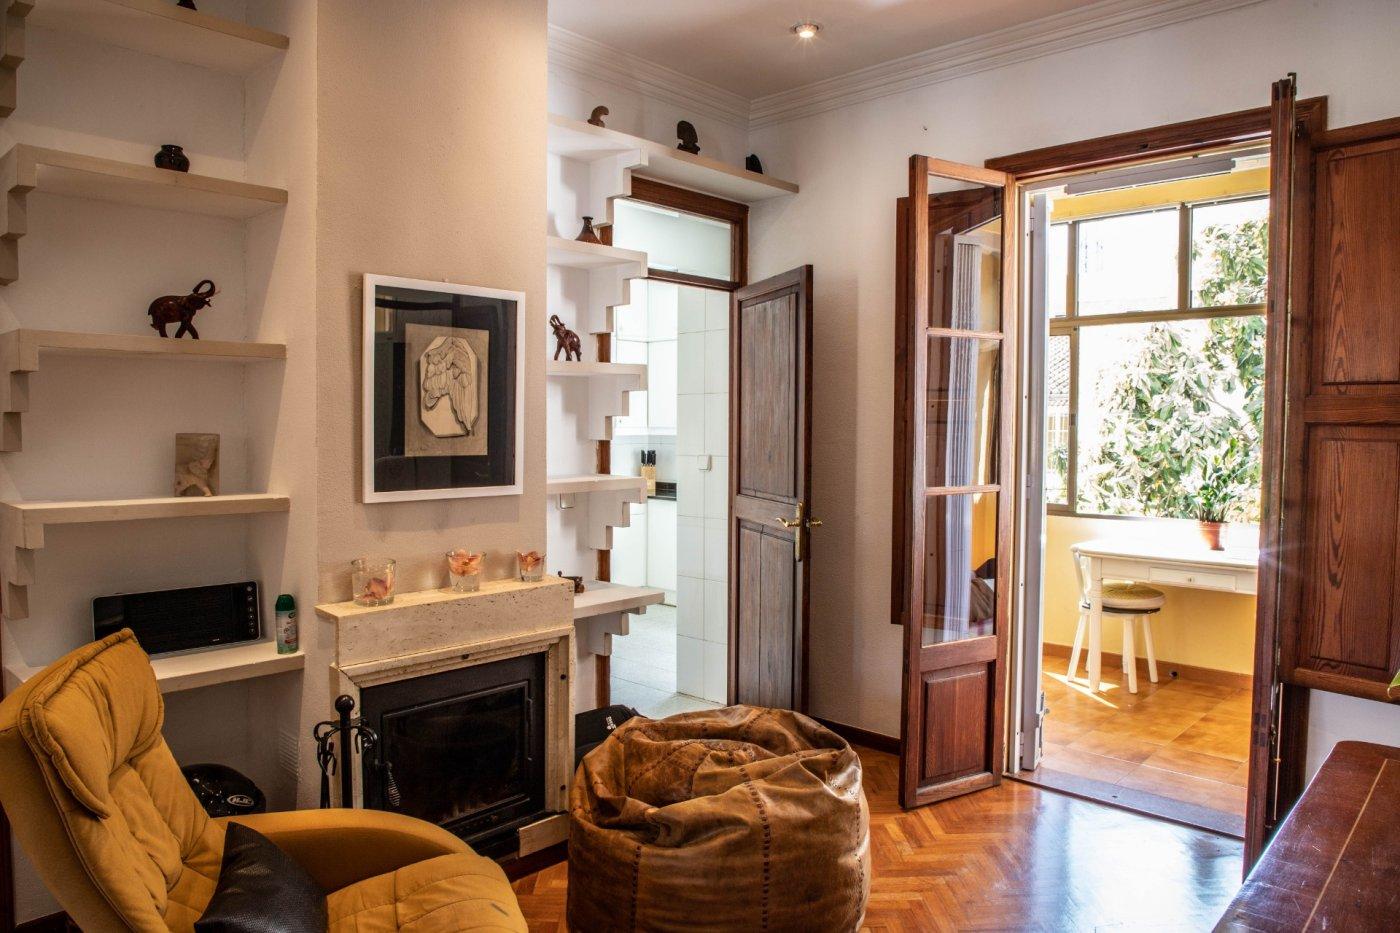 Primer piso con terrado privado en santa catalina - imagenInmueble0